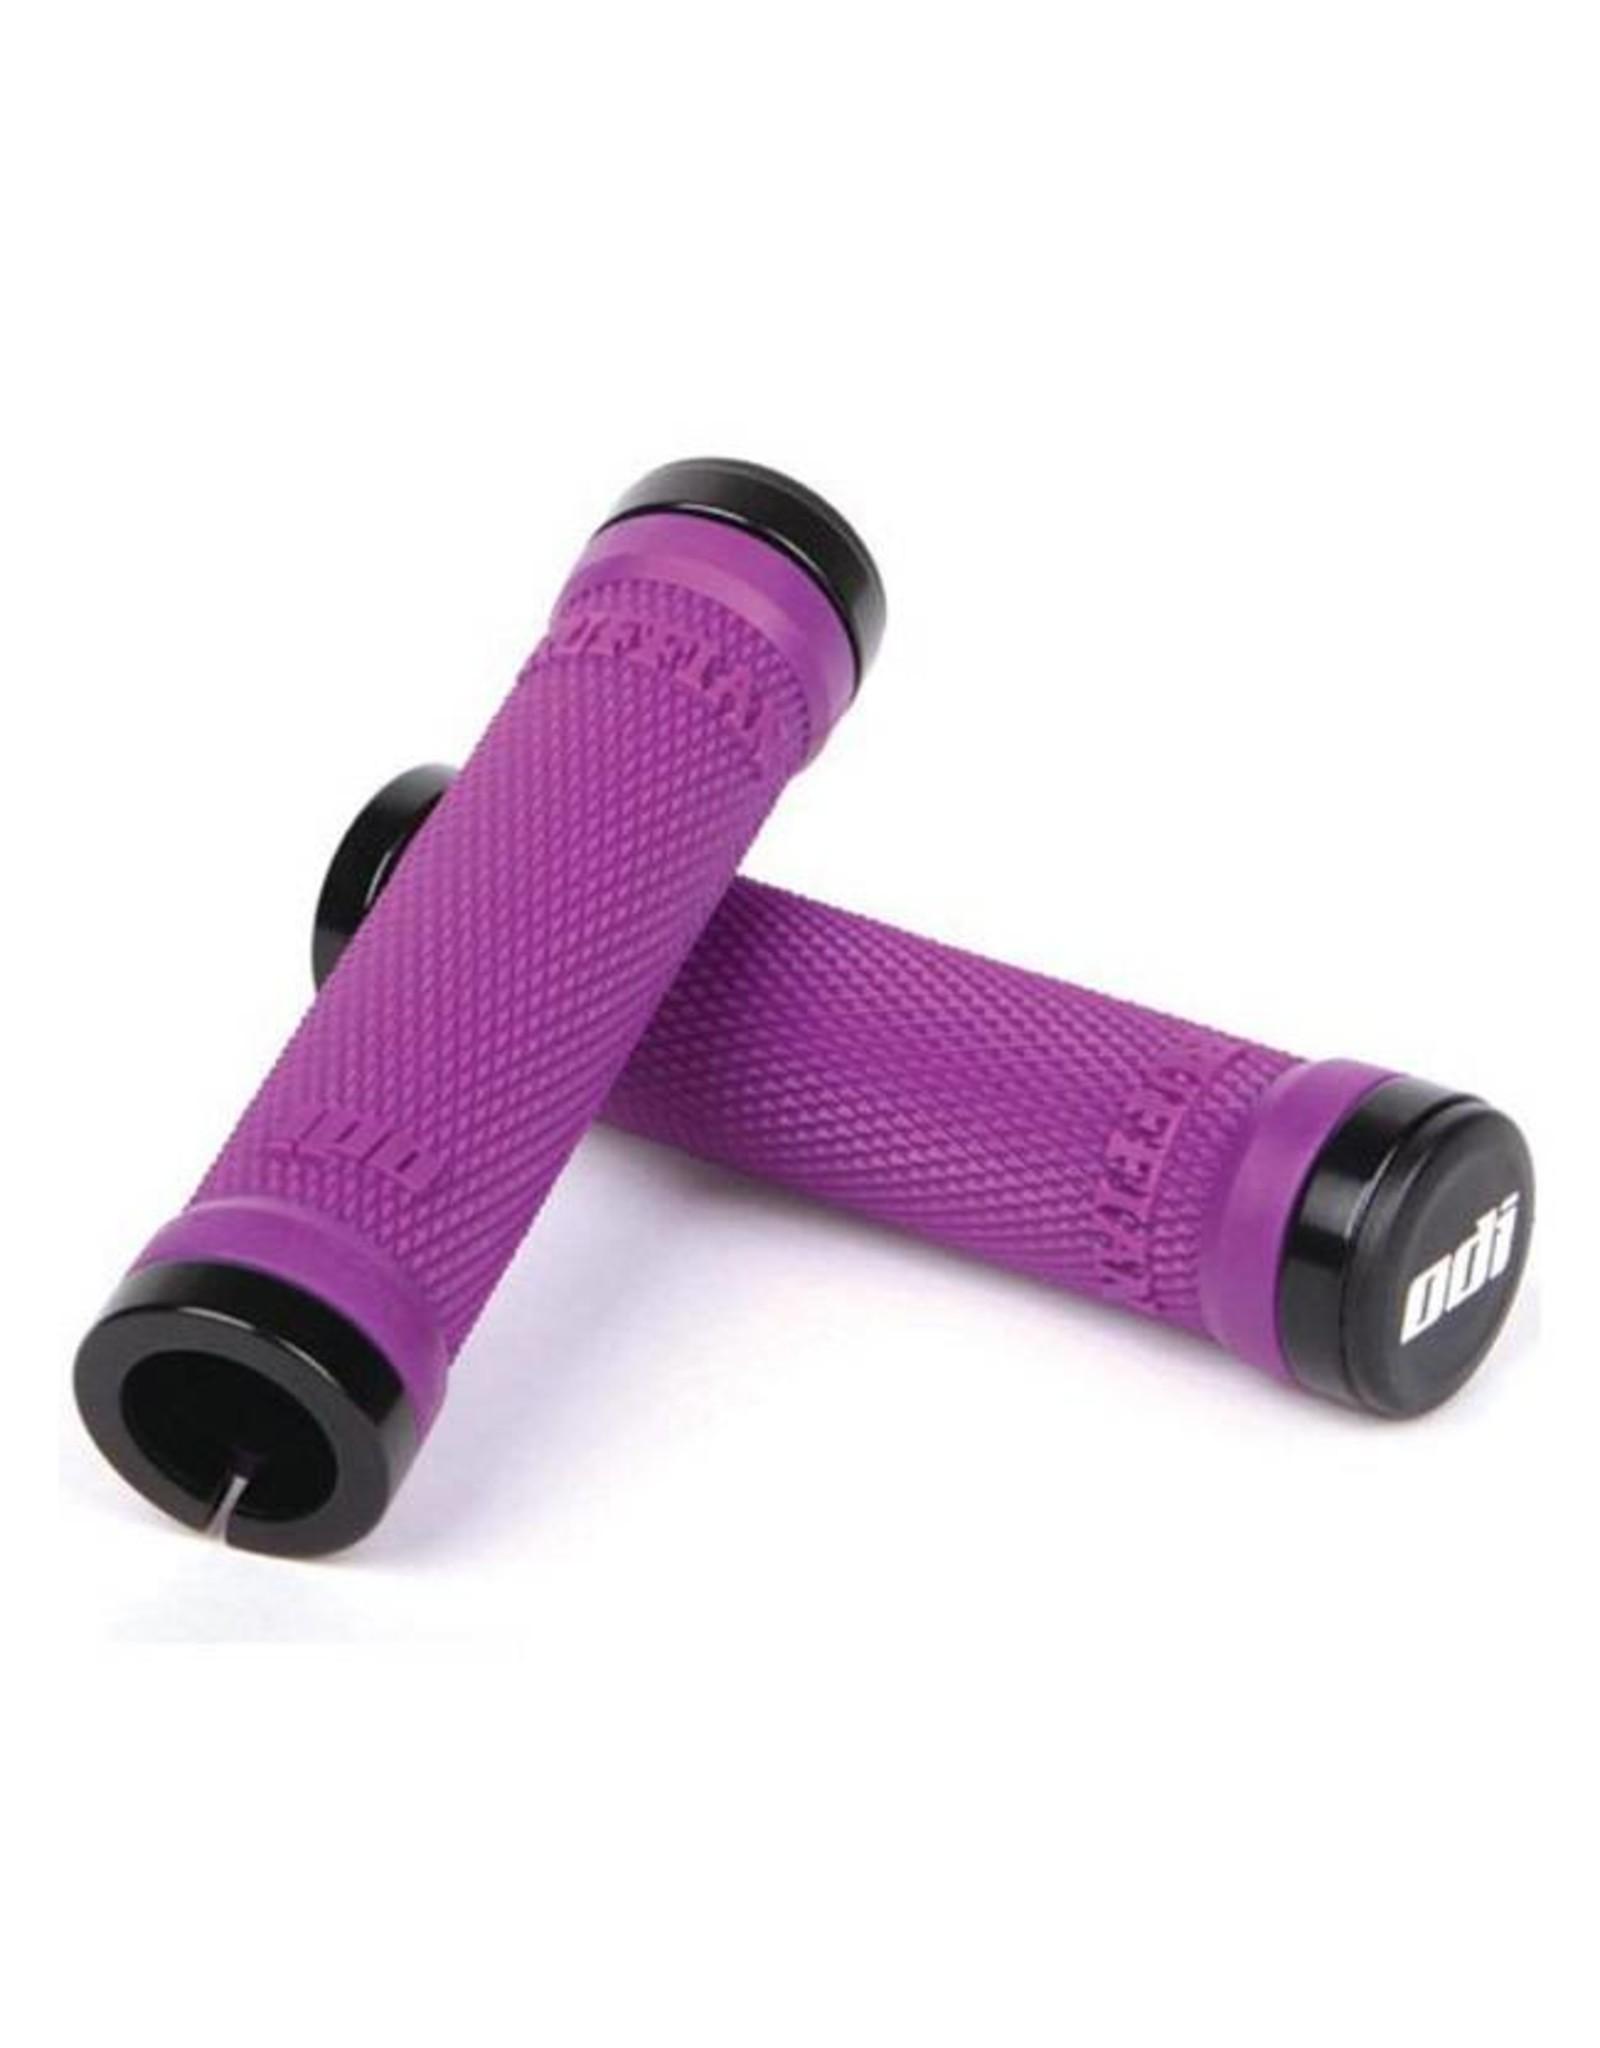 ODI ODI Ruffian MTB Lock On Grips 130mm Purple